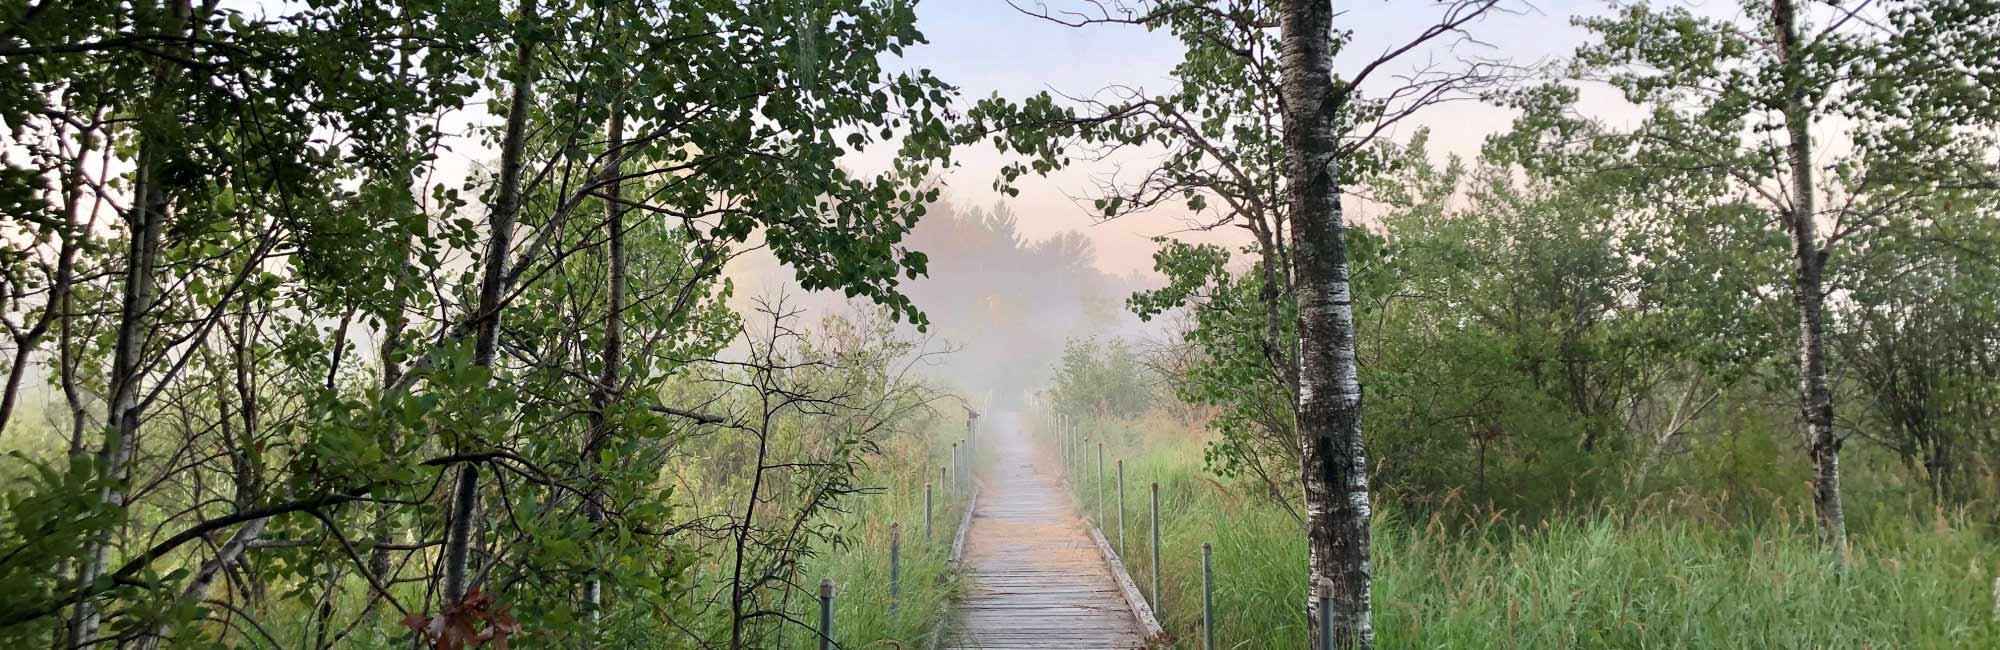 slide-blog-veterans-trail